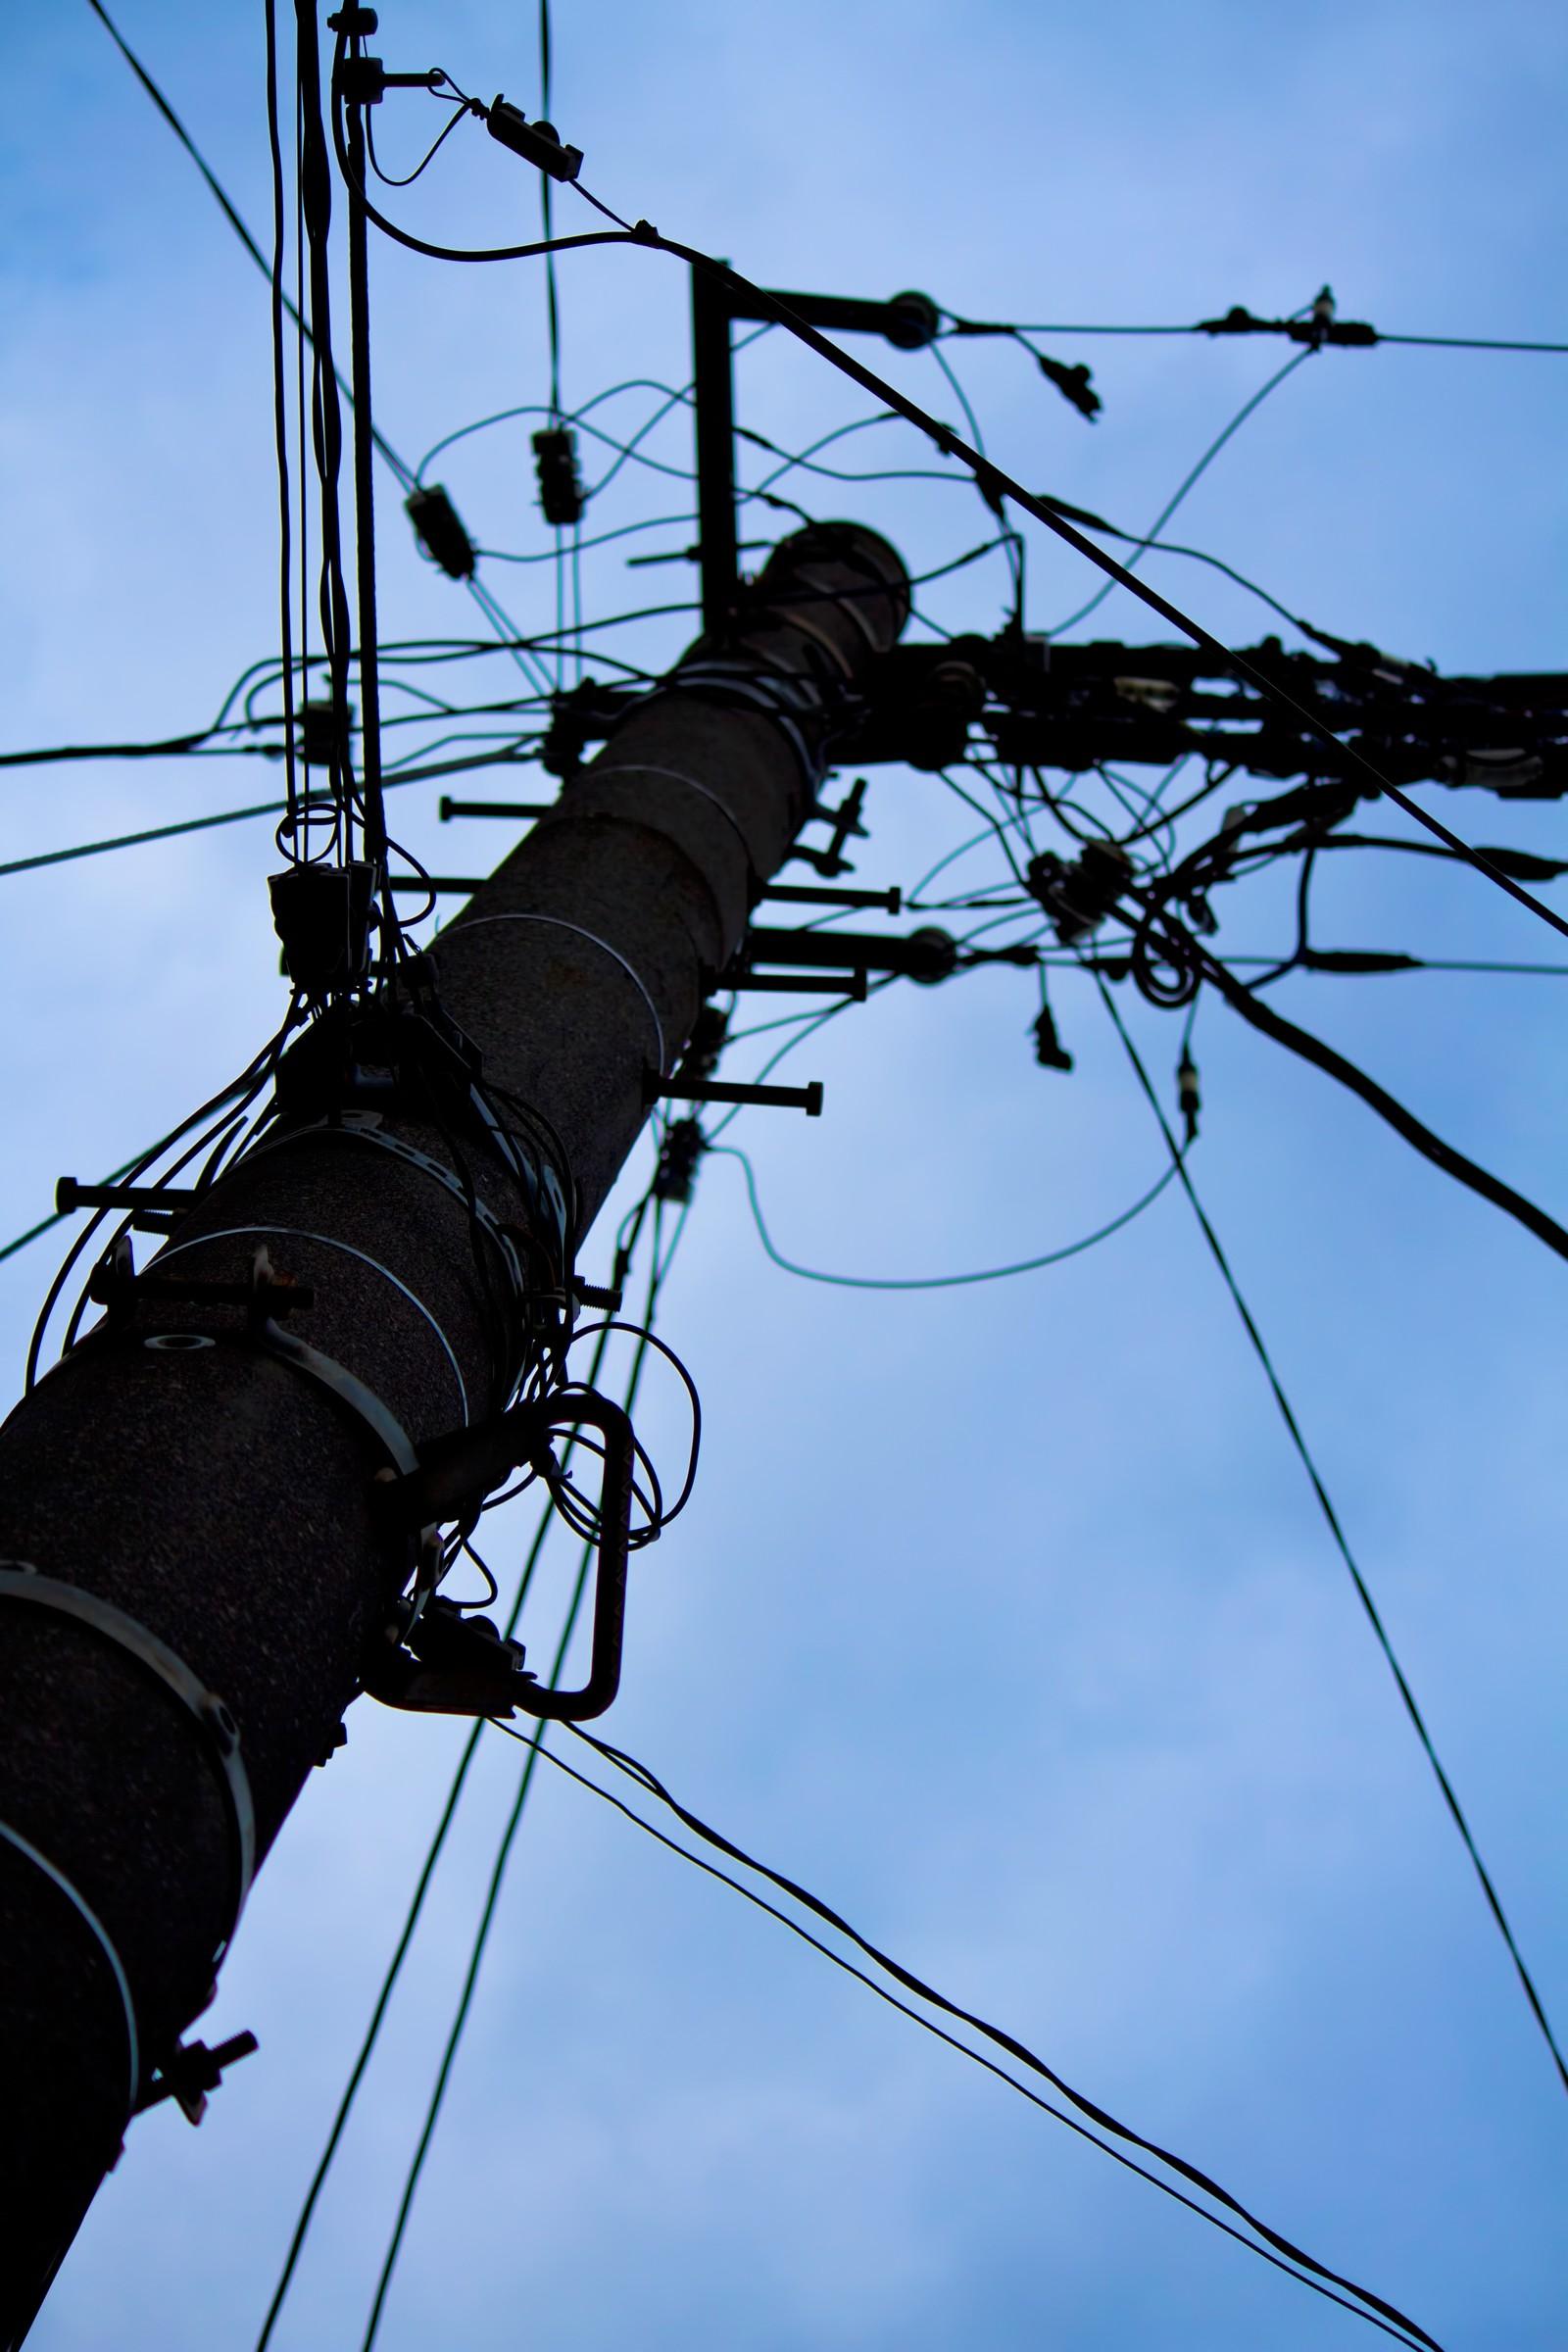 【映画「サバイバルファミリー」感想】 もしも巨大太陽フレアや電磁パルス攻撃で、全ての電気製品がストップしたら?